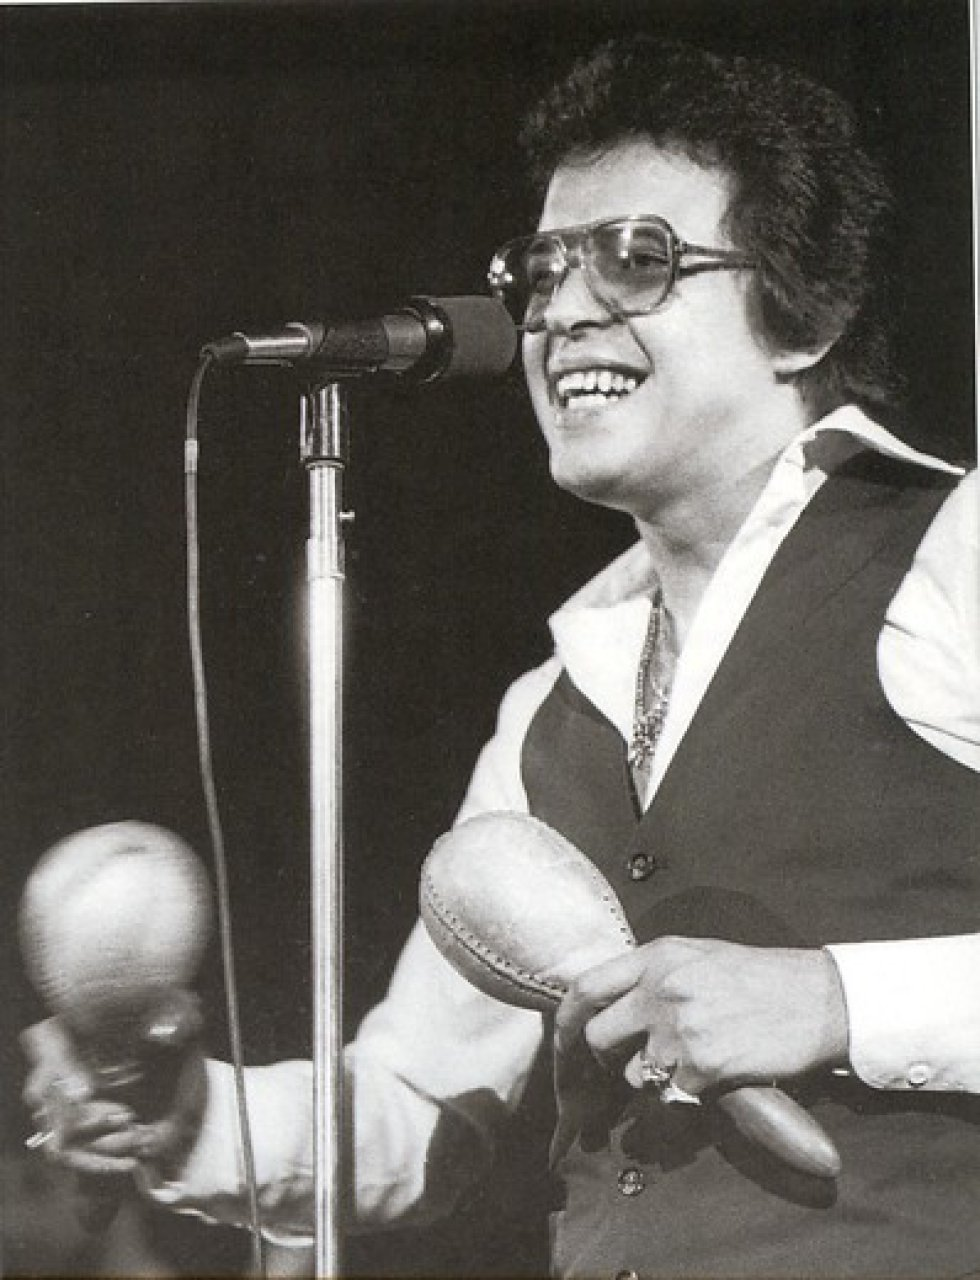 'Ausencia', 'El cantante', 'Periódico de ayer', 'Triste y vacía', 'Juanito alimaña', entre otras, se encuentran en la gran discografía que dejó como legado el cantante de origen neoyorquino.